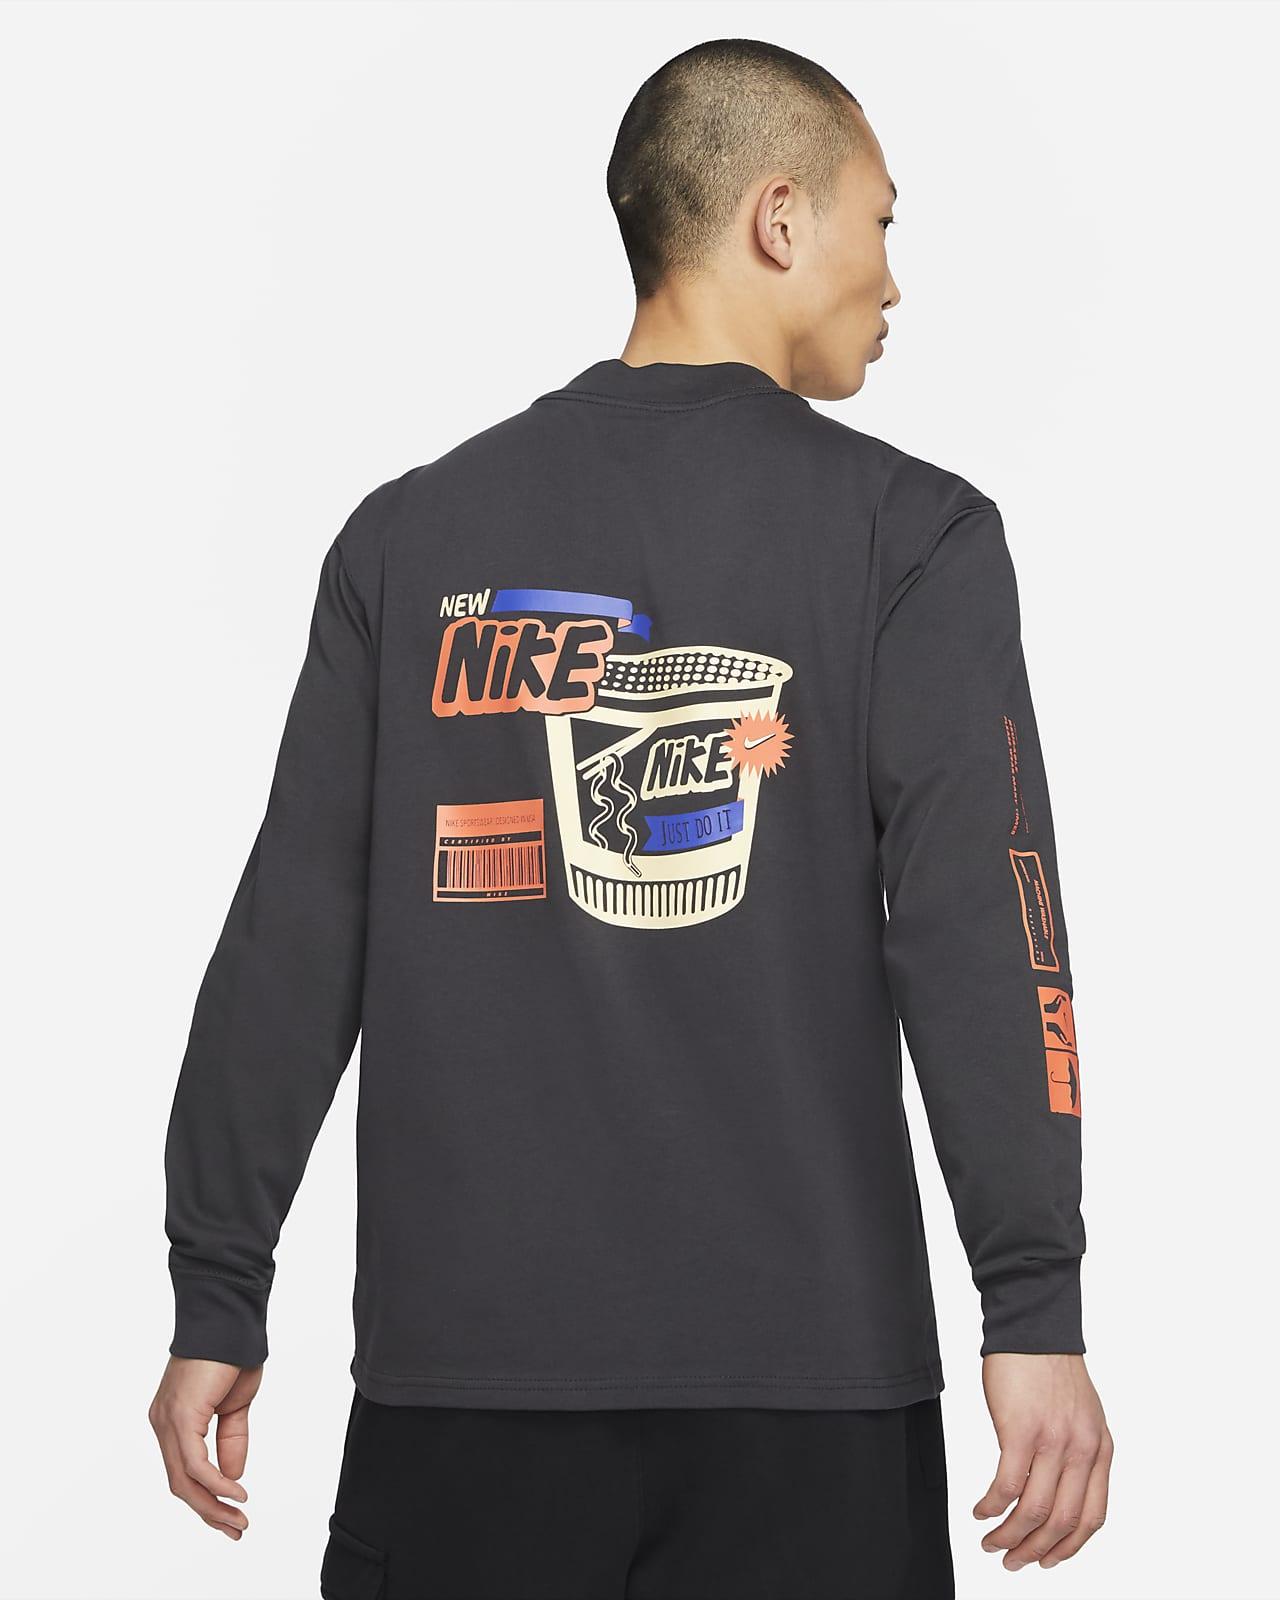 Nike Sportswear Men's Long-Sleeve Mock Neck T-Shirt